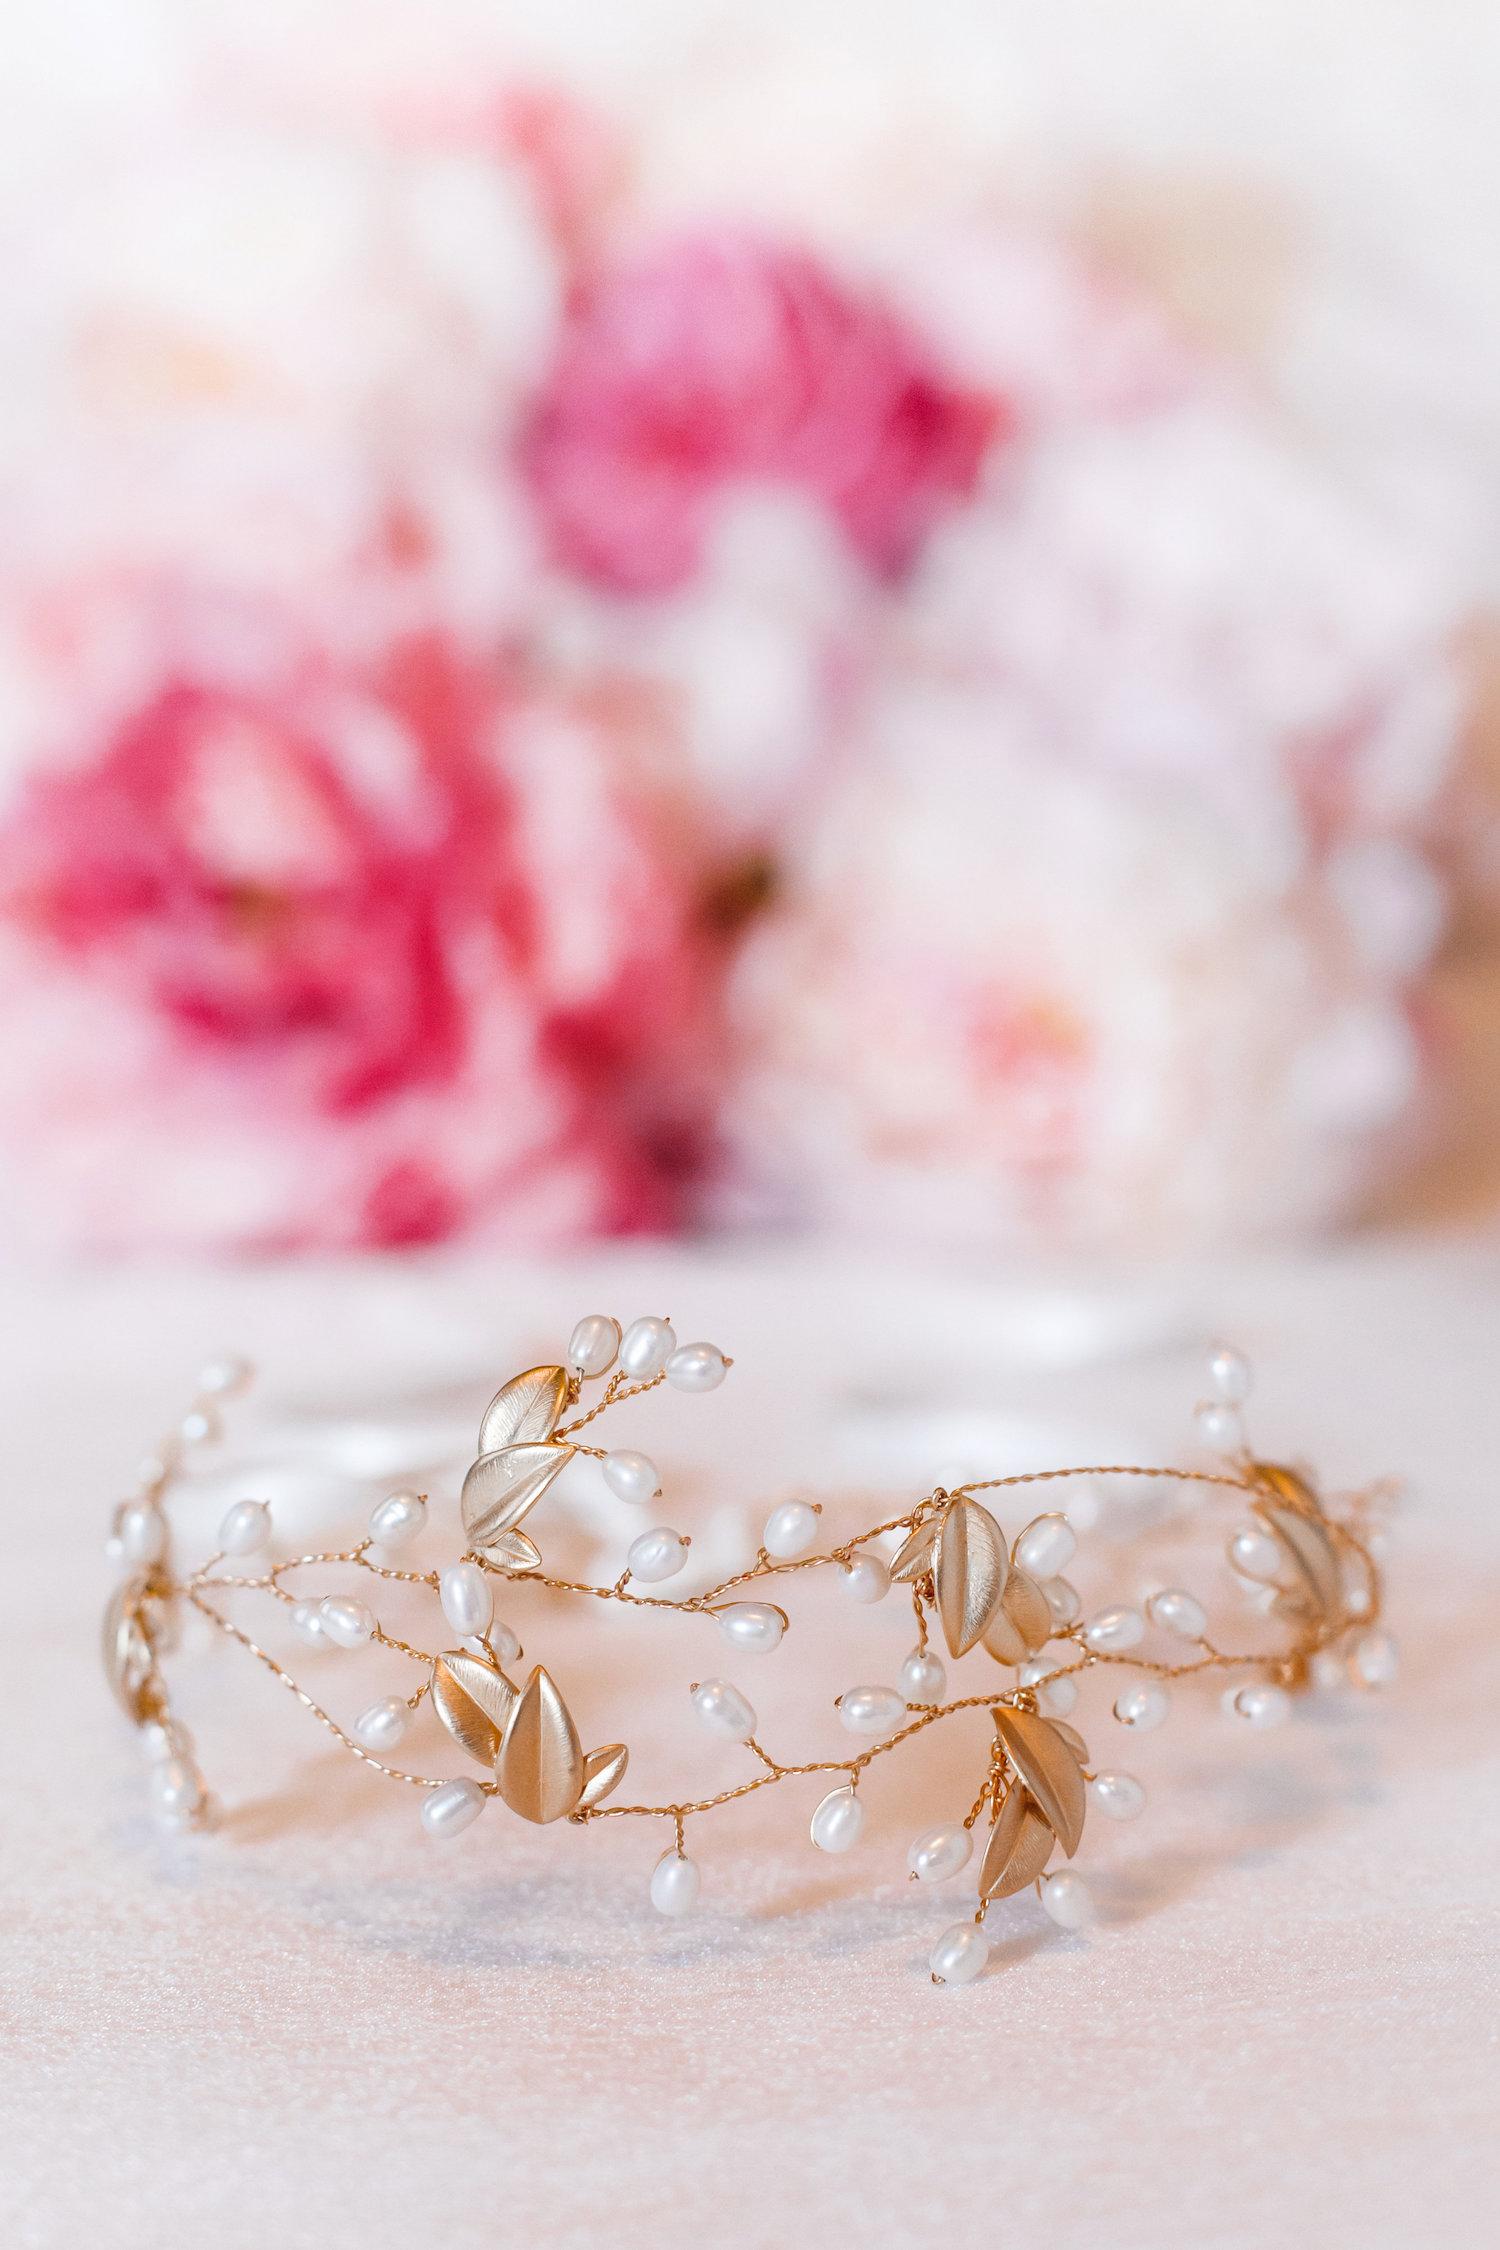 couture-bridal-accessories-090316-Fancy-Bowtique-5.jpg